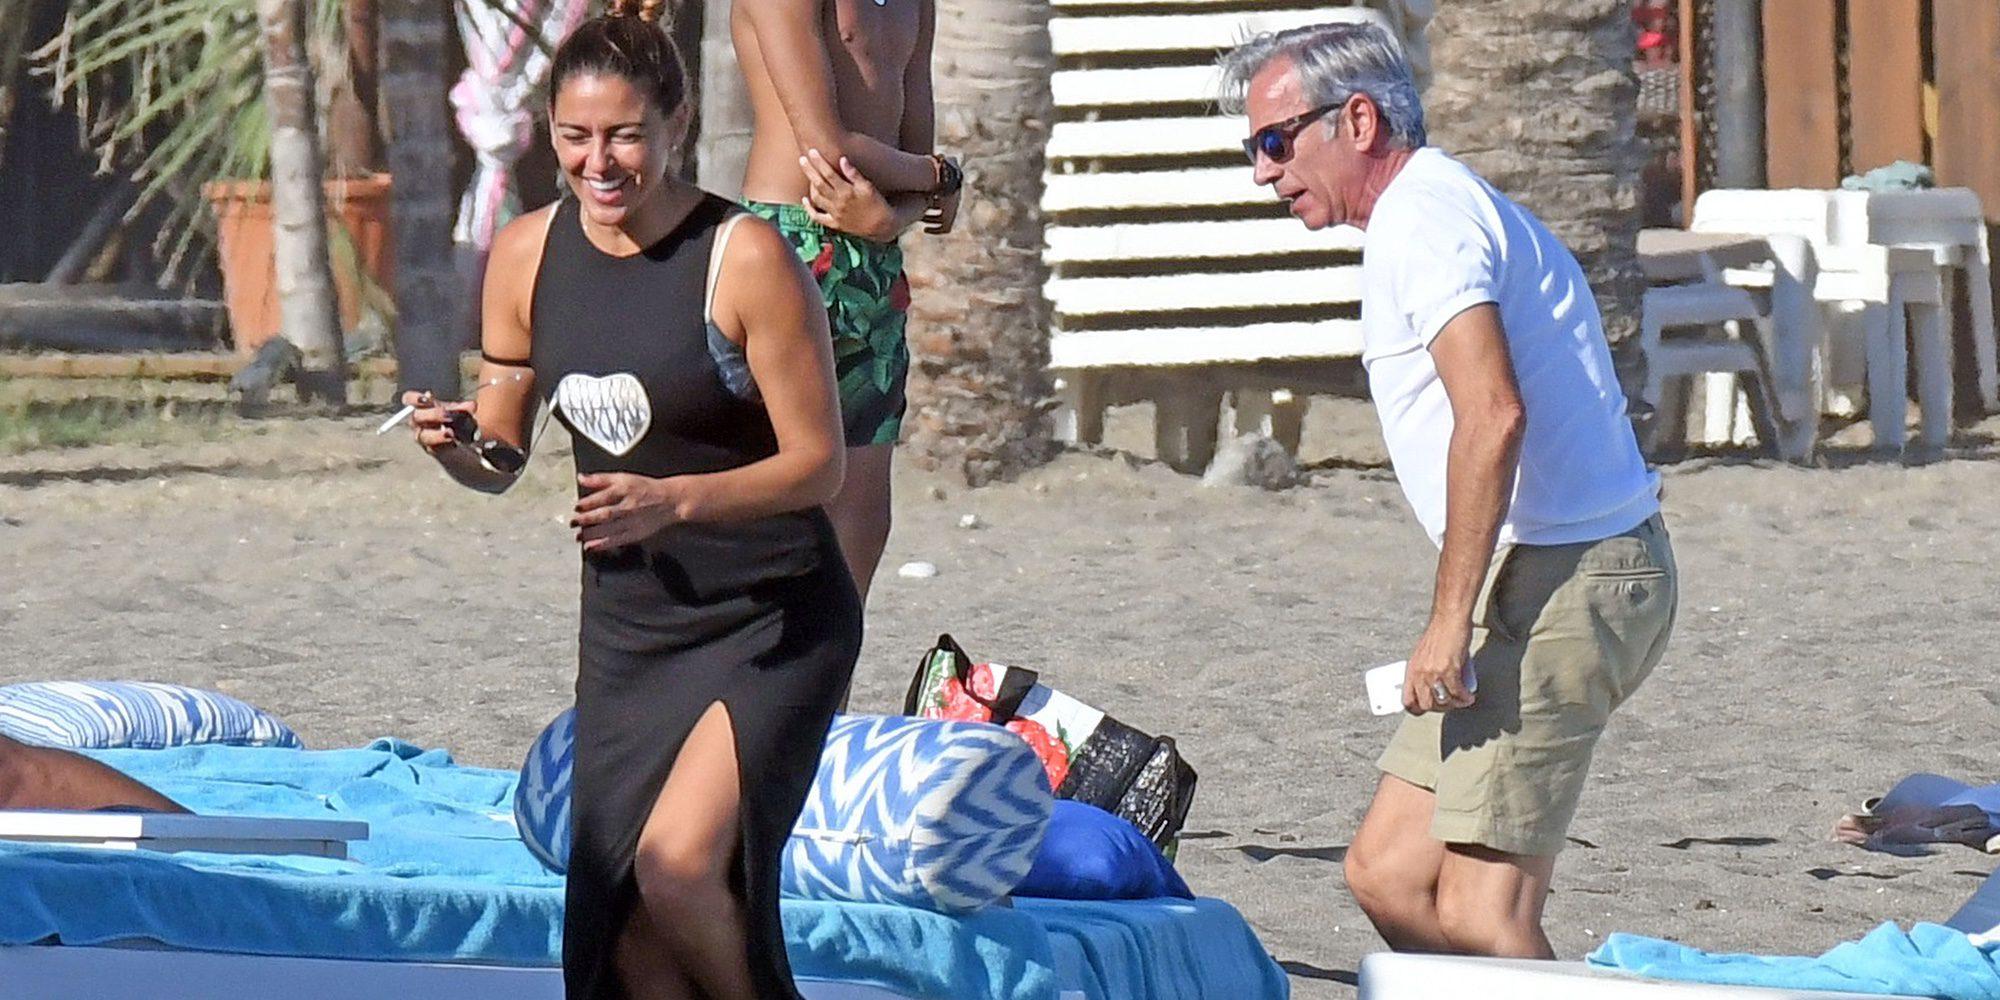 Imanol Arias e Irene Meritxell celebran su reconciliación en Marbella con Valeria Mazza y Alejandro Gravier